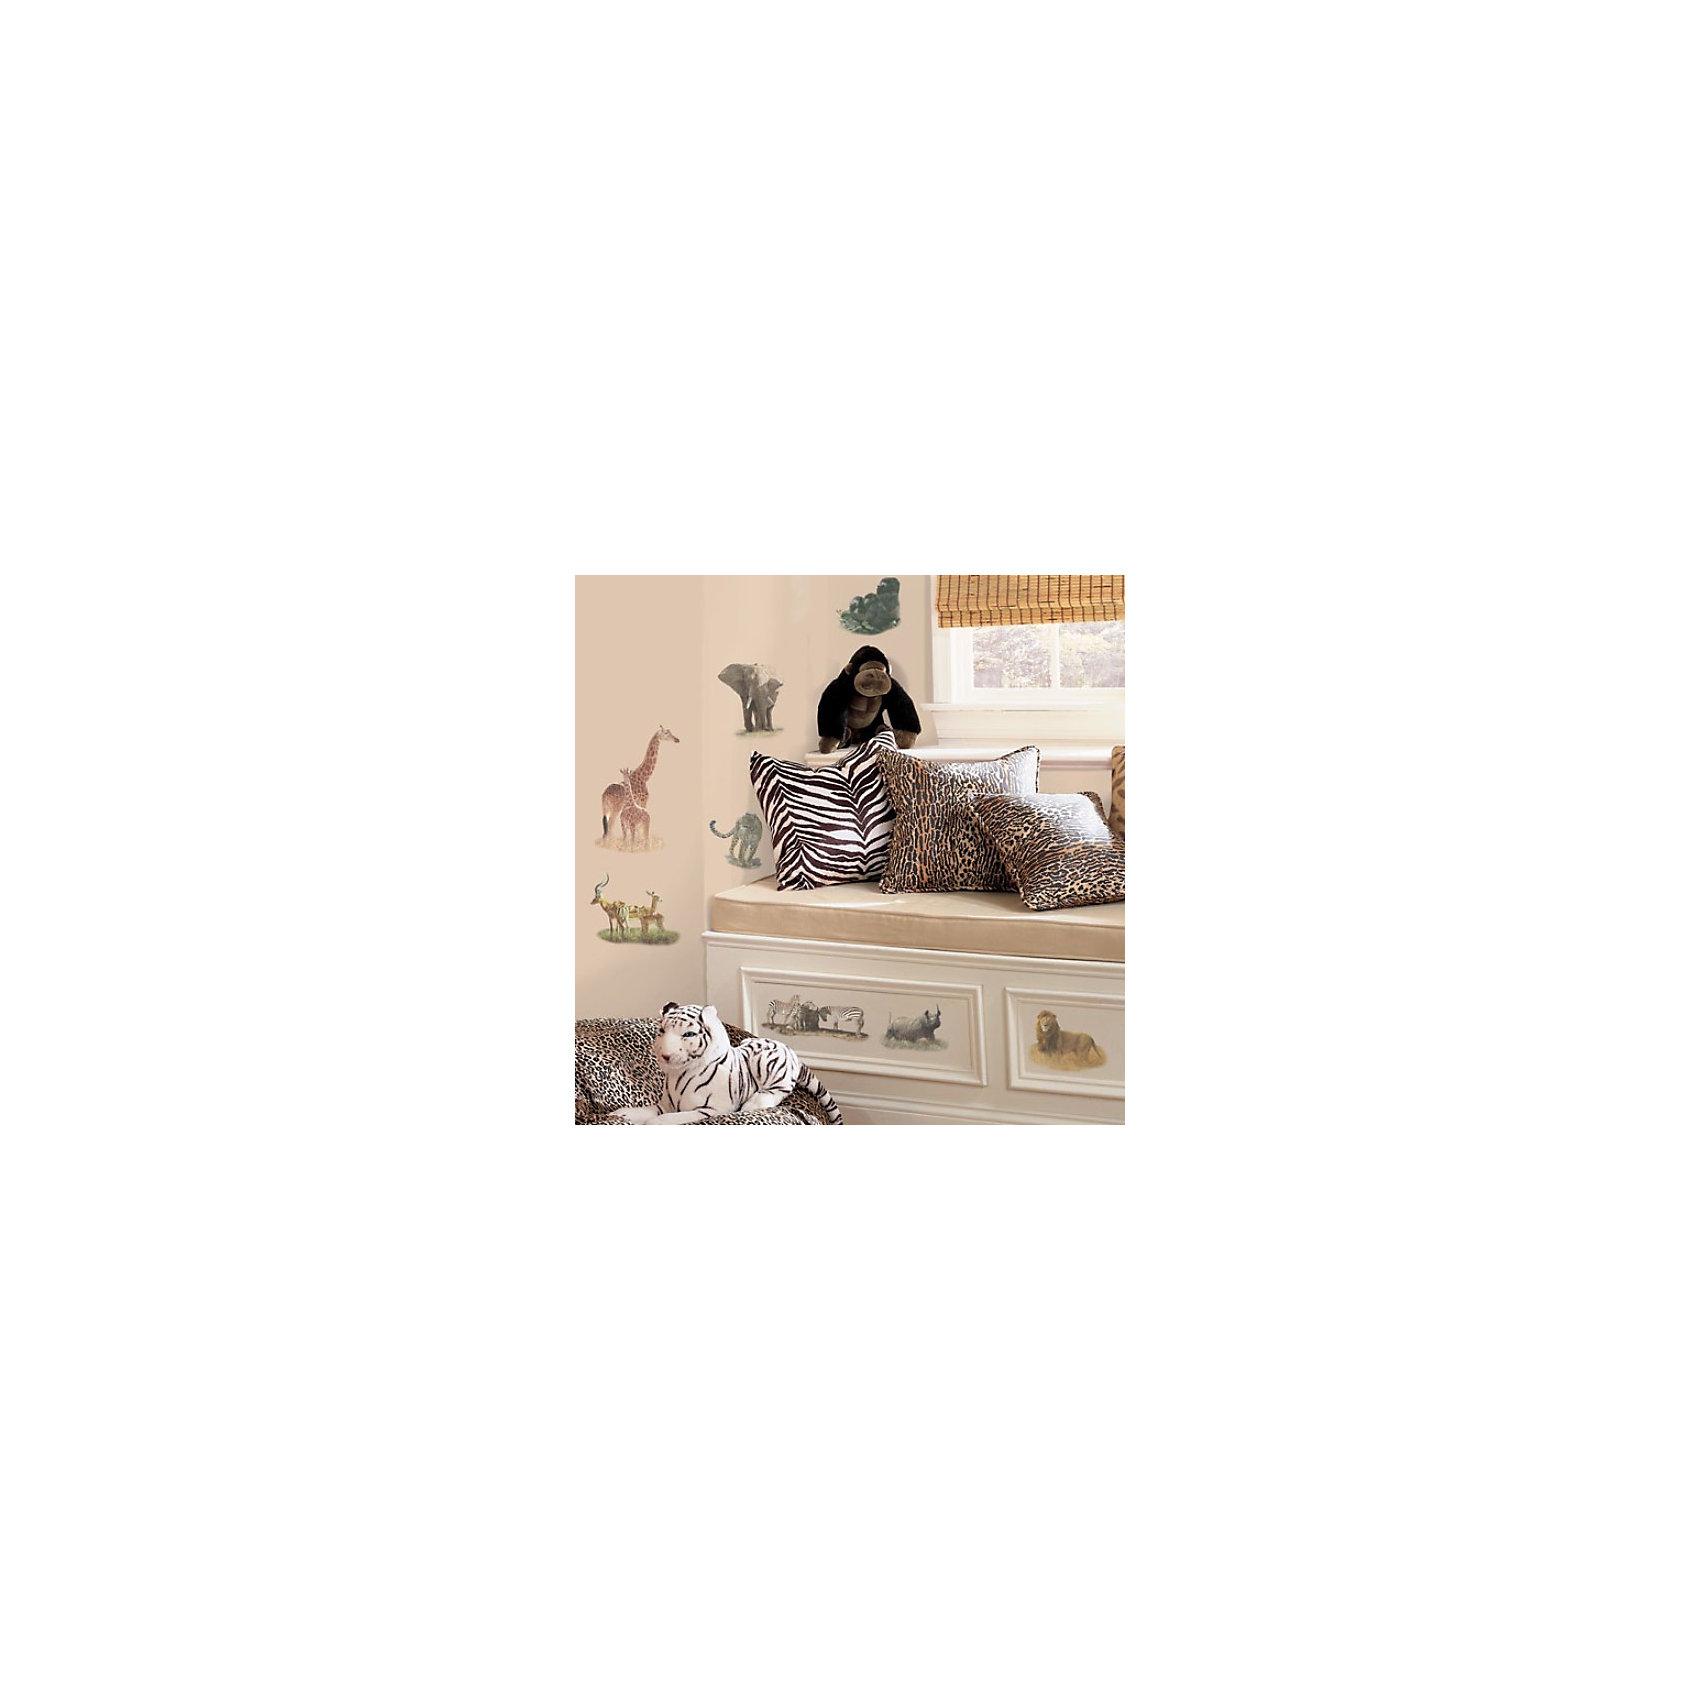 Наклейки для декора СафариНаклейки для декора Сафари от знаменитого производителя RoomMates станут украшением вашей квартиры! Украсьте комнату реалистичными изображениями обитателей сафари с новым восхитительным набором наклеек для декора! Наклейки, входящие в набор, содержат изображения леопарда, зебры, антилопы, льва, слона, гориллы, носорога и других диких животных. Набор содержит 19 стикеров, прекрасно подходит для спальни, ванной, классной комнаты. Наклейки не нужно вырезать - их следует просто отсоединить от защитного слоя и поместить на стену или любую другую плоскую гладкую поверхность. Наклейки многоразовые: их легко переклеивать и снимать со стены, они не оставляют липких следов на поверхности. Все наклейки могут быть использованы много раз, при переклейке не портят и не пачкают поверхность. Очень просты в использовании, наклеить их сможет даже ребенок! В каждой индивидуальной упаковке Вы можете найти 4 листа с различными наклейками! Таким образом, покупая наклейки фирмы RoomMates, Вы получаете гораздо больший ассортимент наклеек, имея возможность украсить ими различные поверхности в доме.<br><br>Ширина мм: 274<br>Глубина мм: 123<br>Высота мм: 25<br>Вес г: 163<br>Возраст от месяцев: 0<br>Возраст до месяцев: 144<br>Пол: Унисекс<br>Возраст: Детский<br>SKU: 1715050